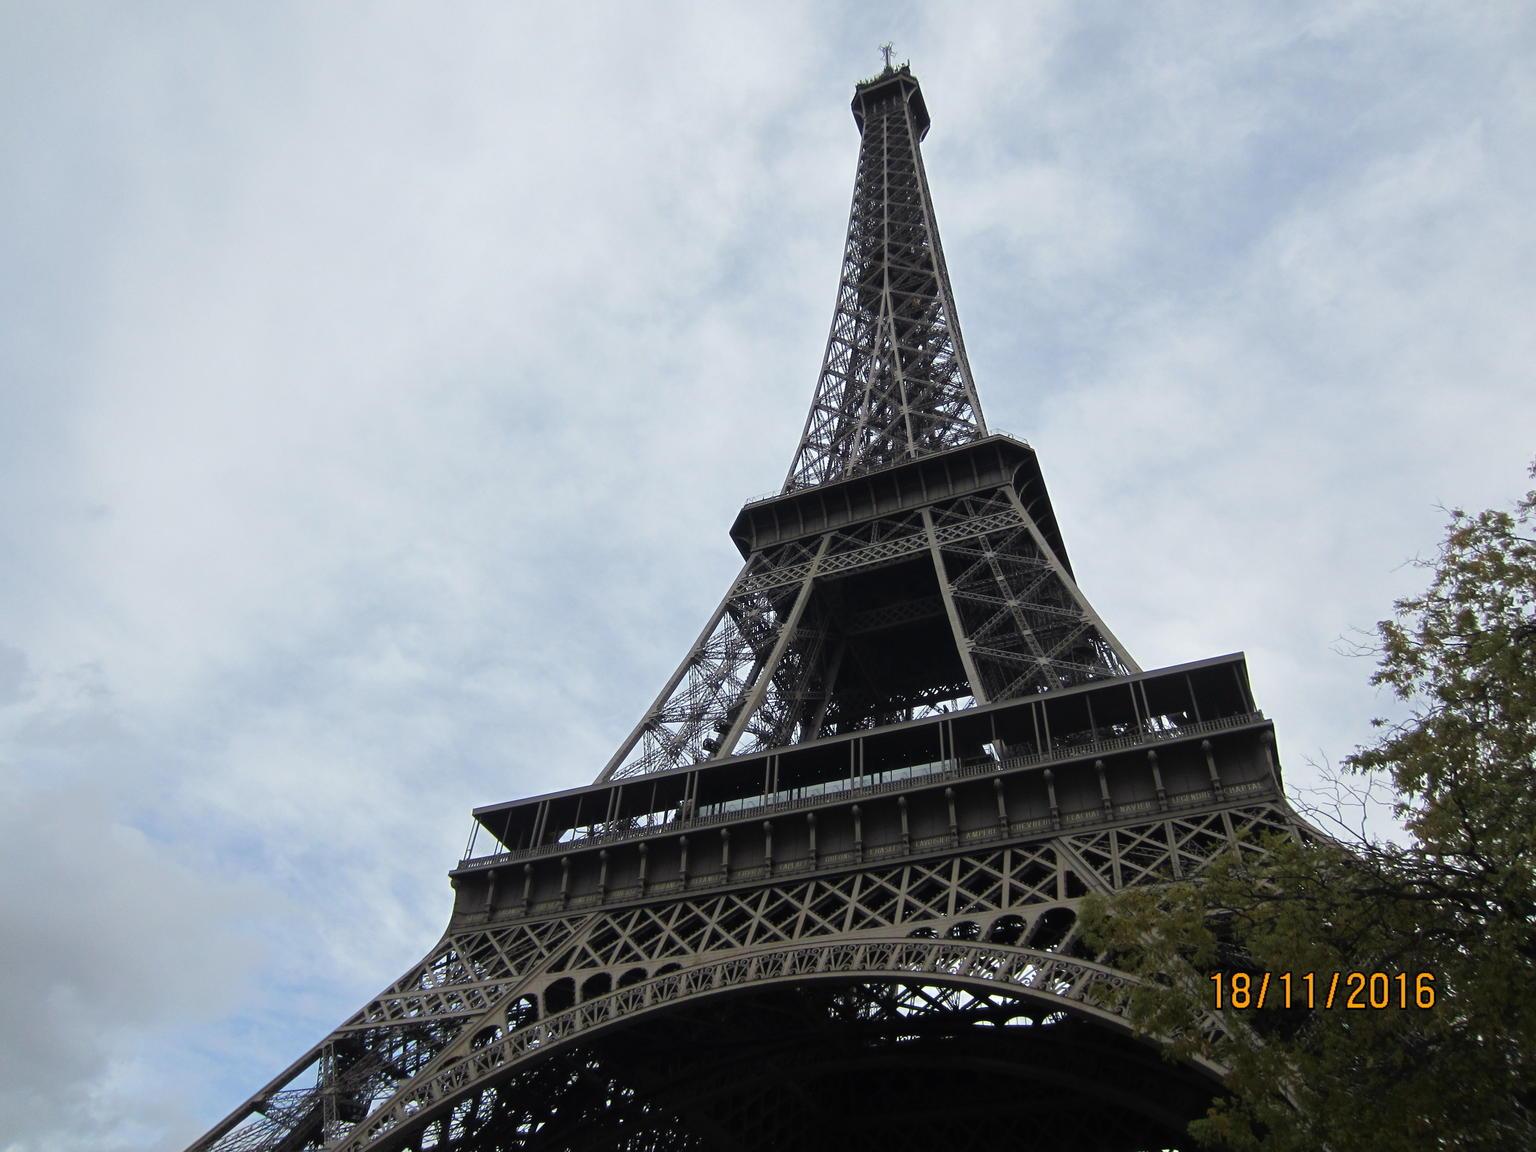 MÁS FOTOS, Servicio continuo de traslado para salidas desde París: aeropuerto de Charles de Gaulle (CDG)